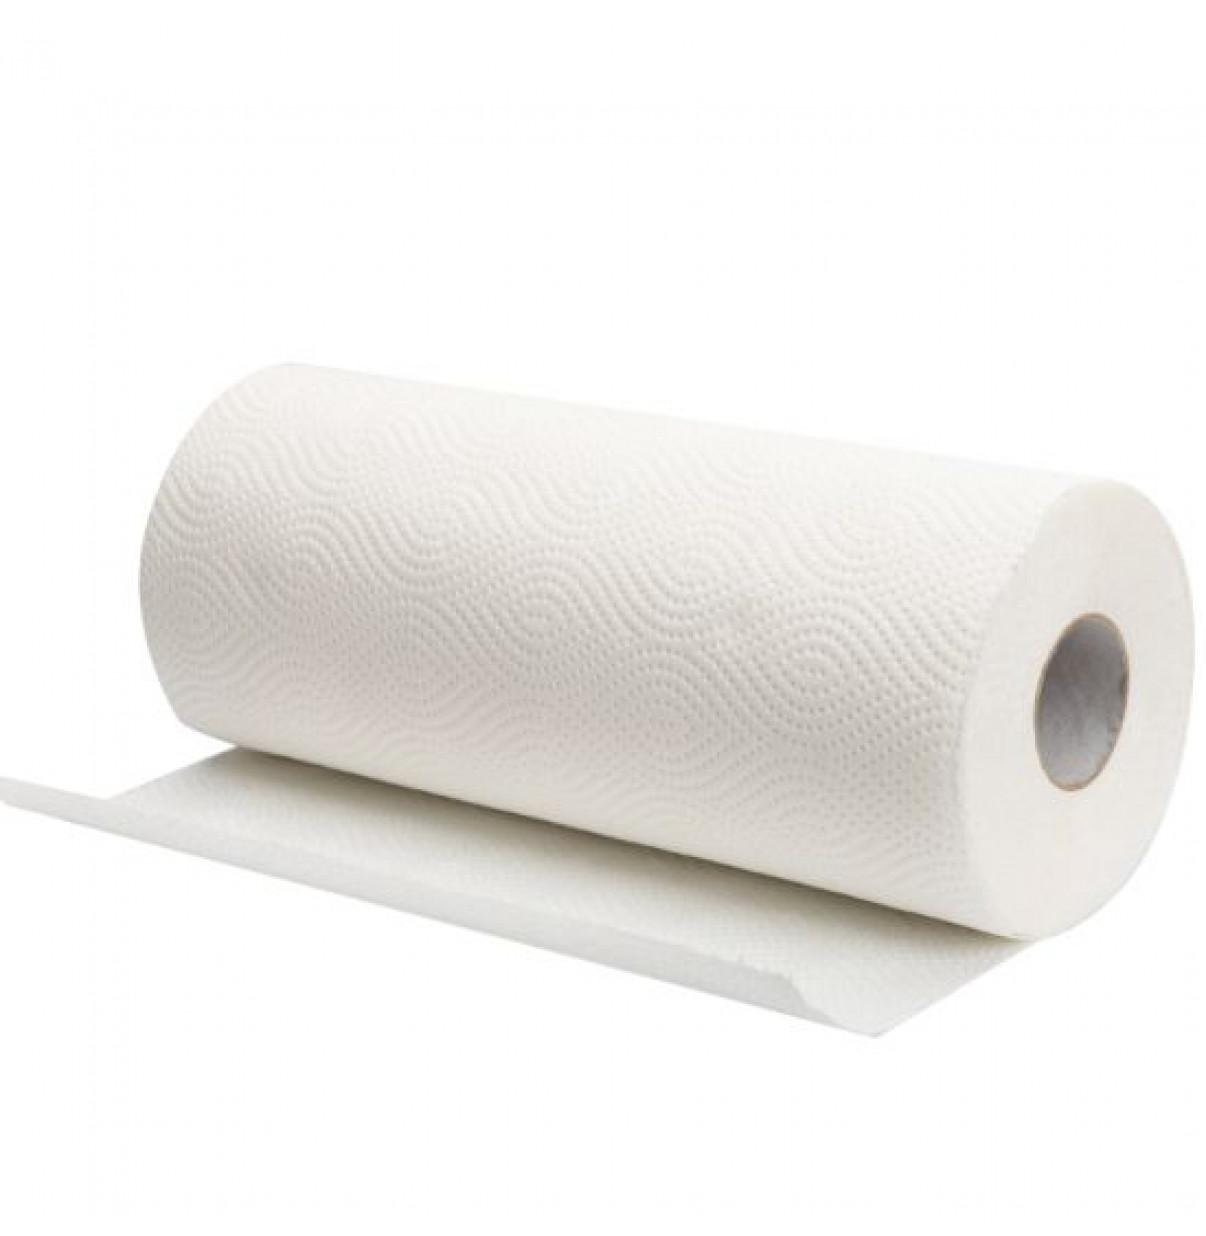 Бумажные полотенца рулонные(2 рулона в 1 упаковке)